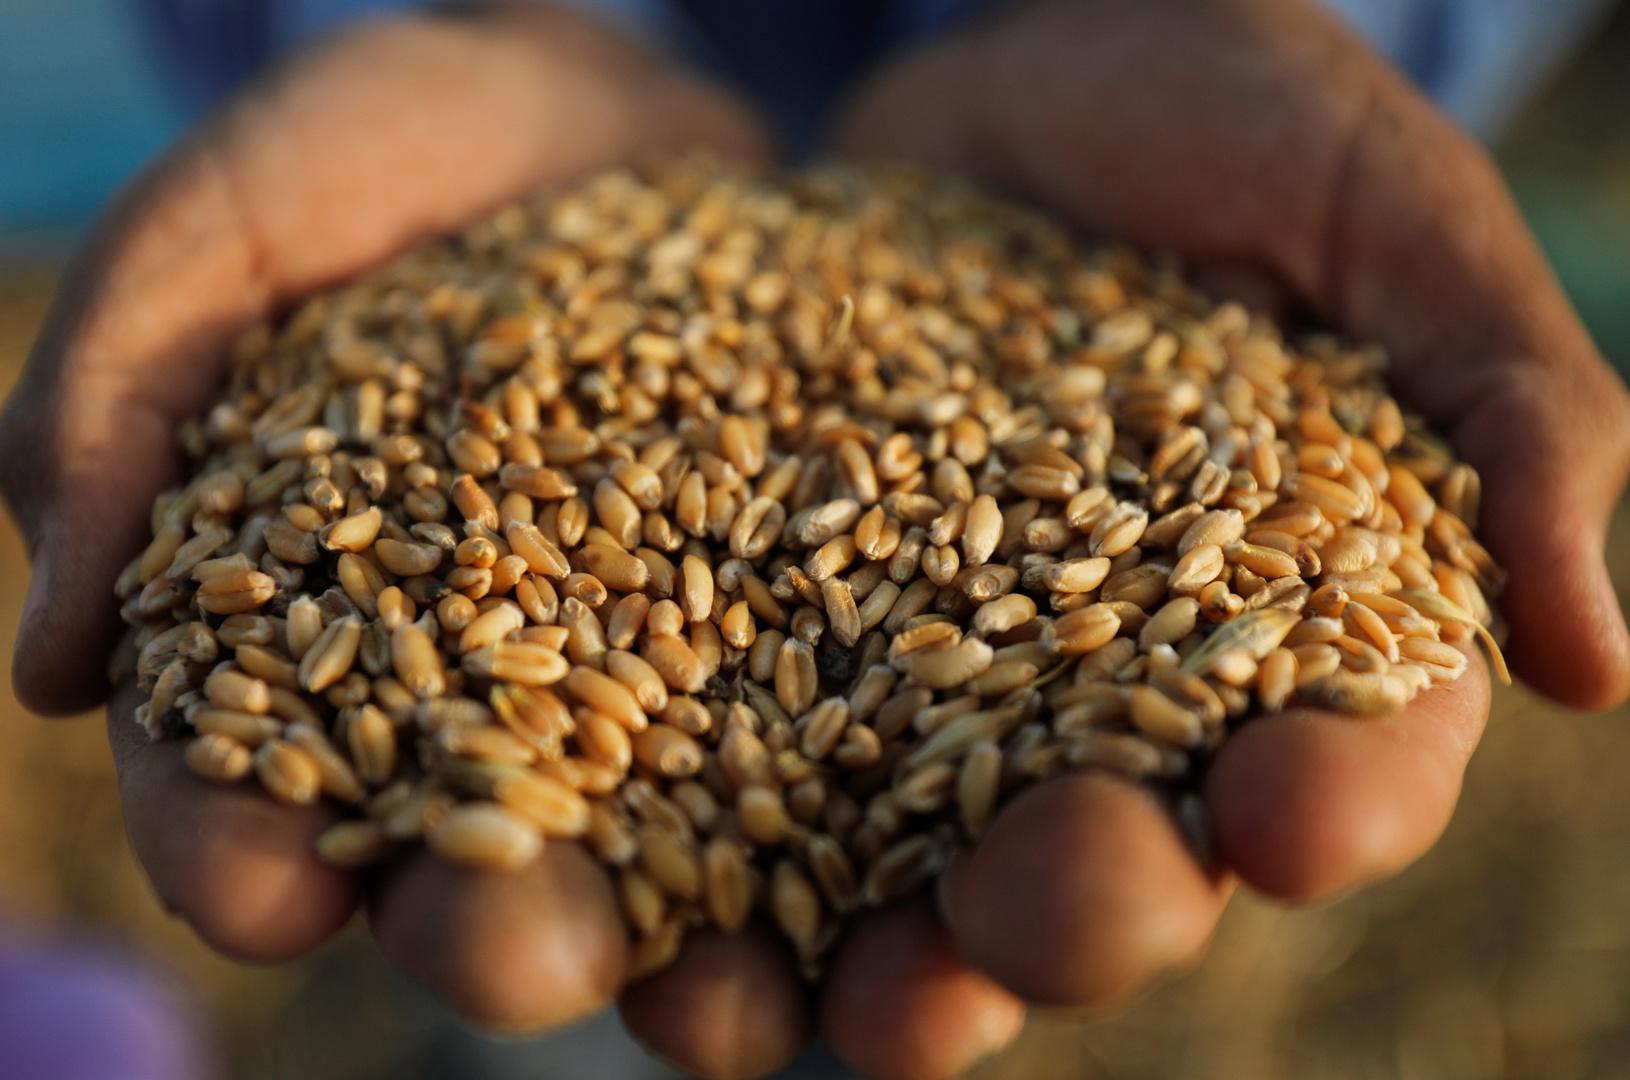 مصر تشتري آلاف الأطنان من القمح الروسي